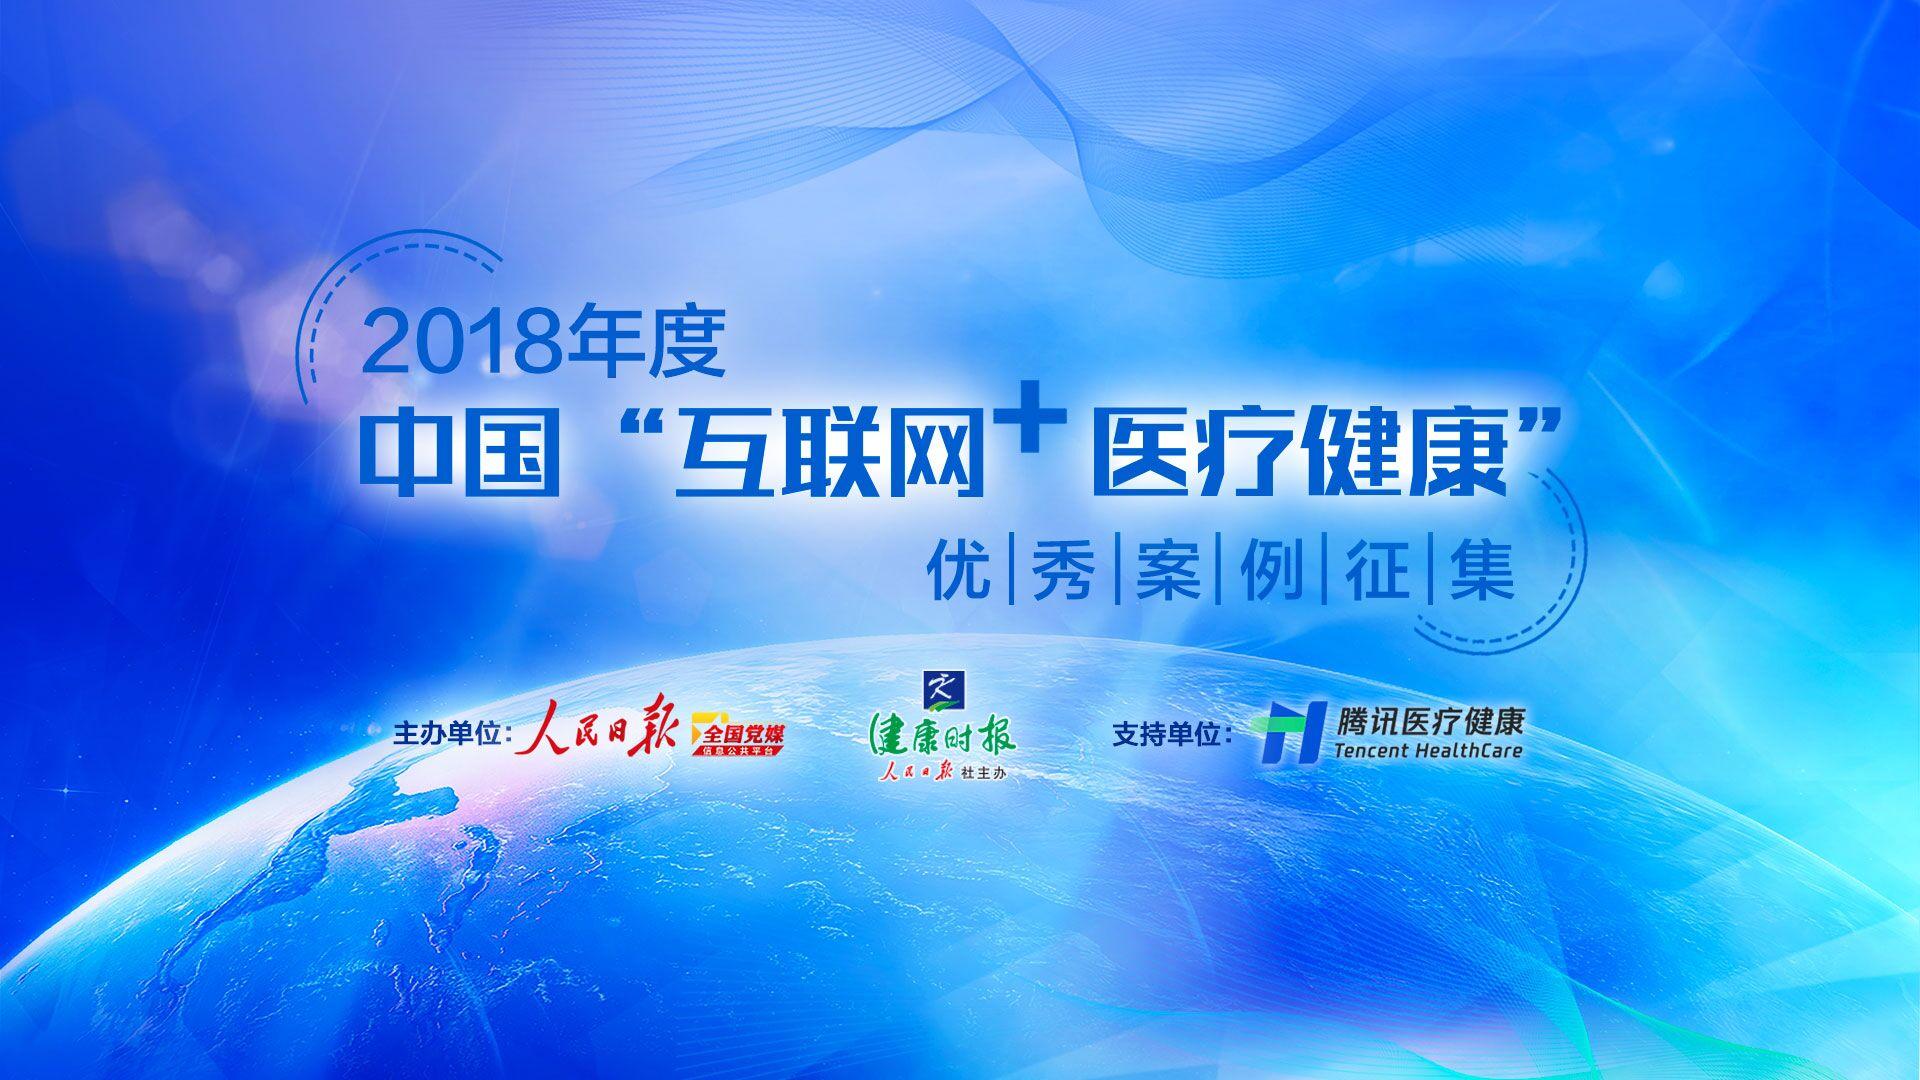 """2018年度中国""""互联网+医疗健康"""" 优秀案例启动征集"""